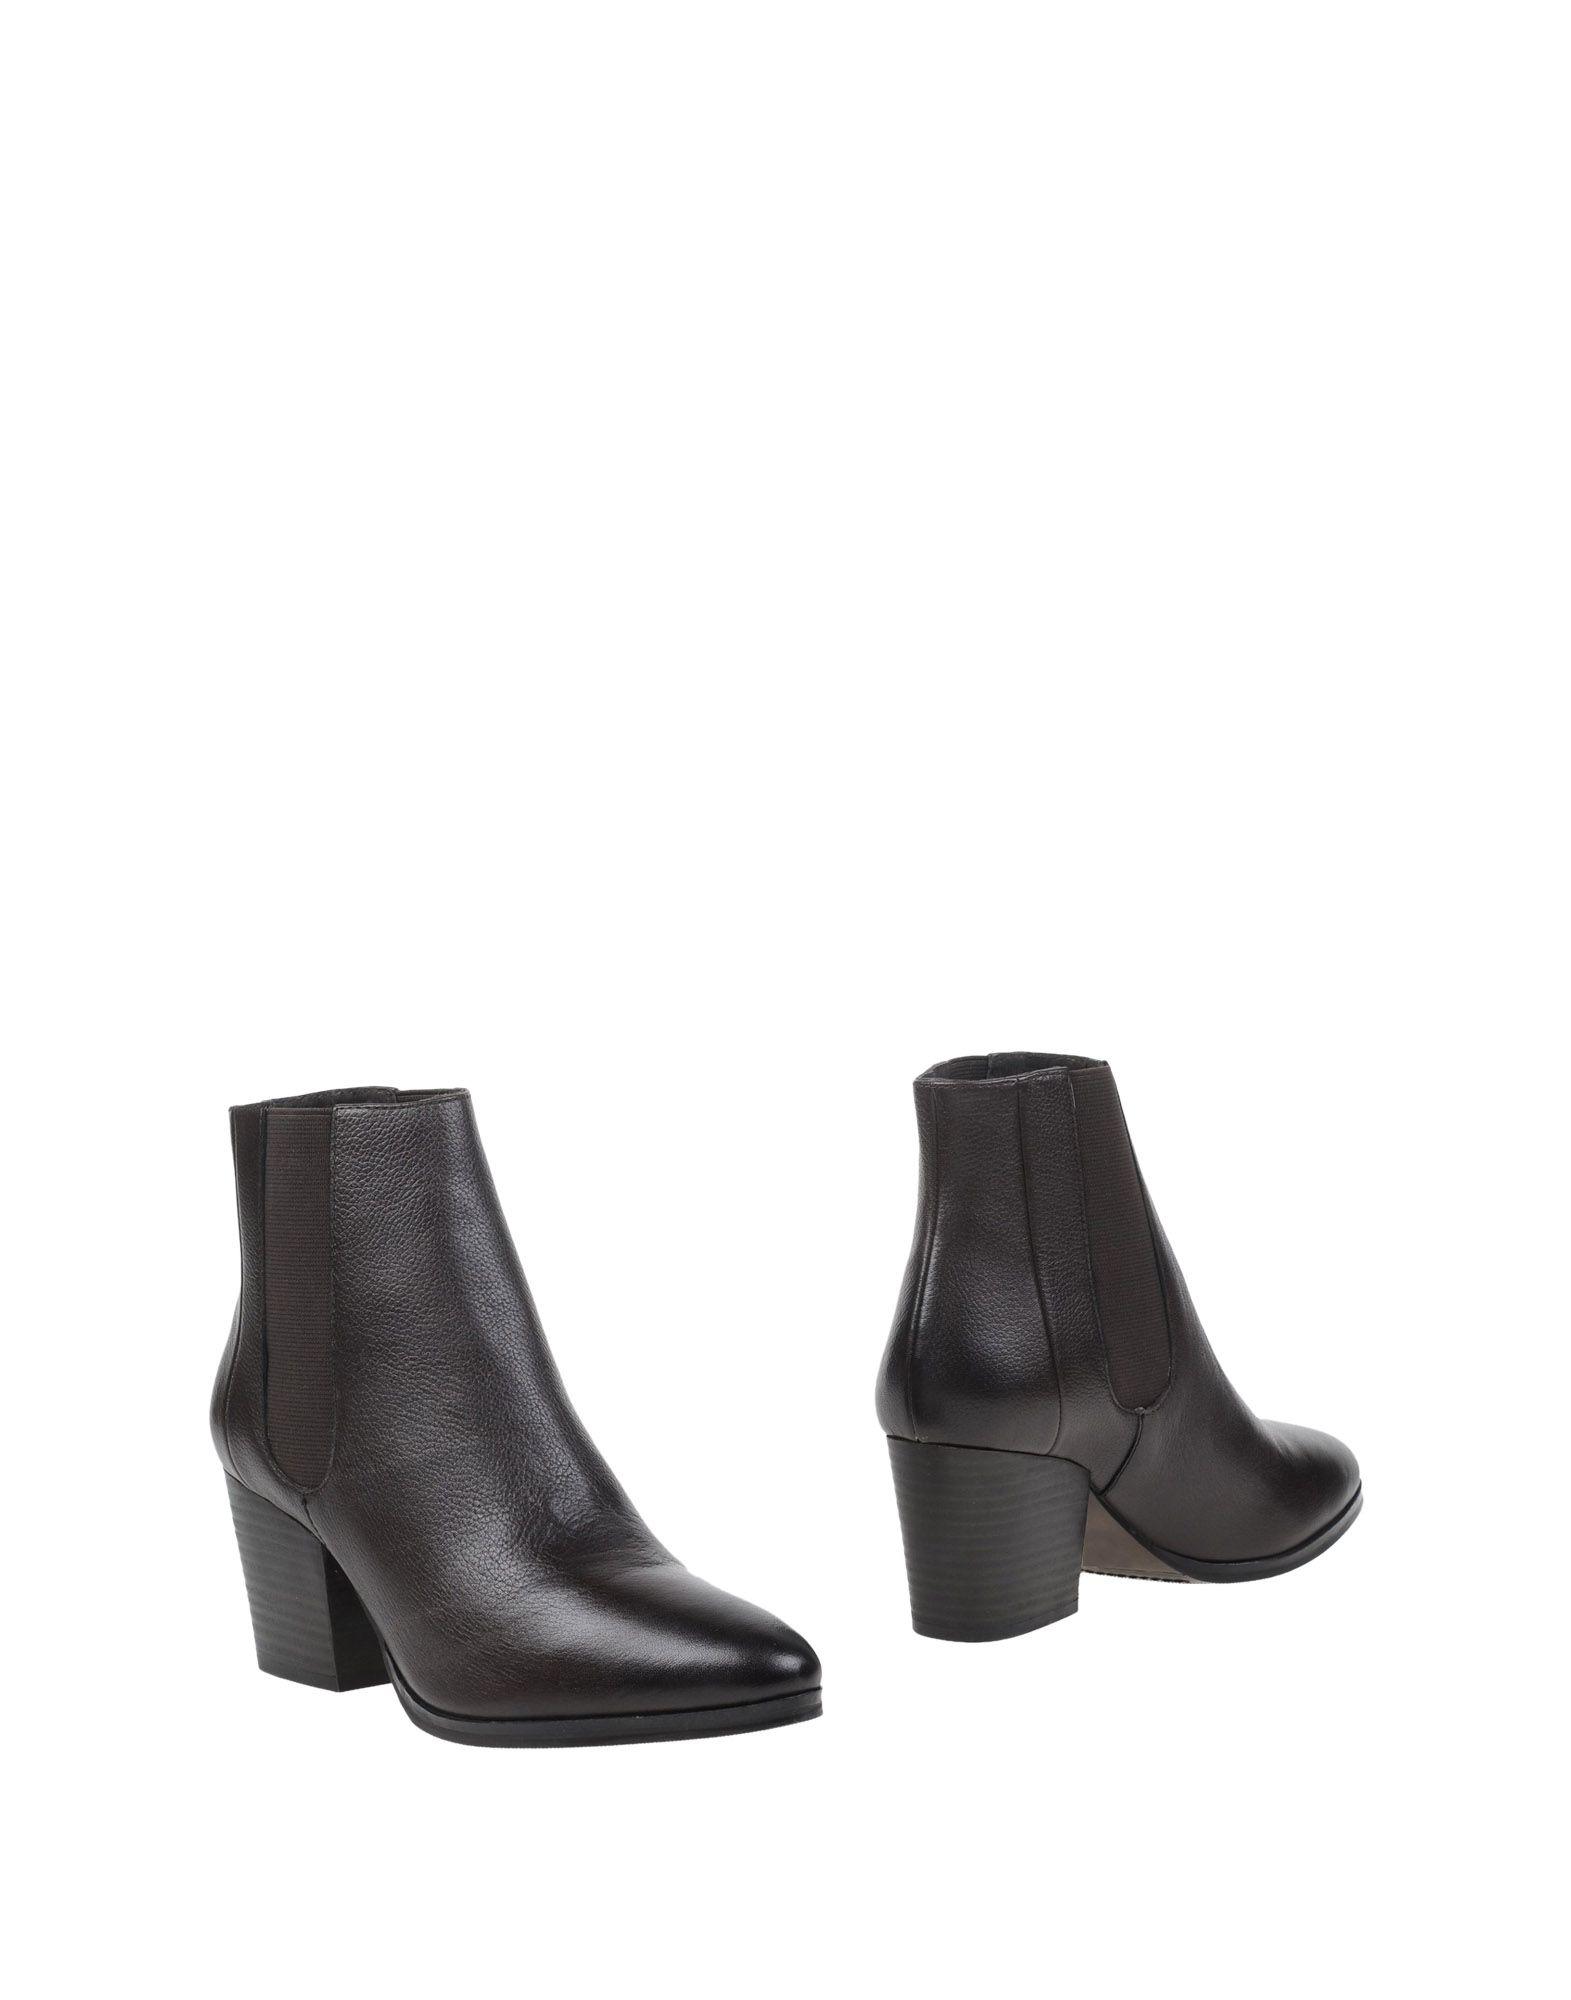 BRUNO PREMI Полусапоги и высокие ботинки цены онлайн